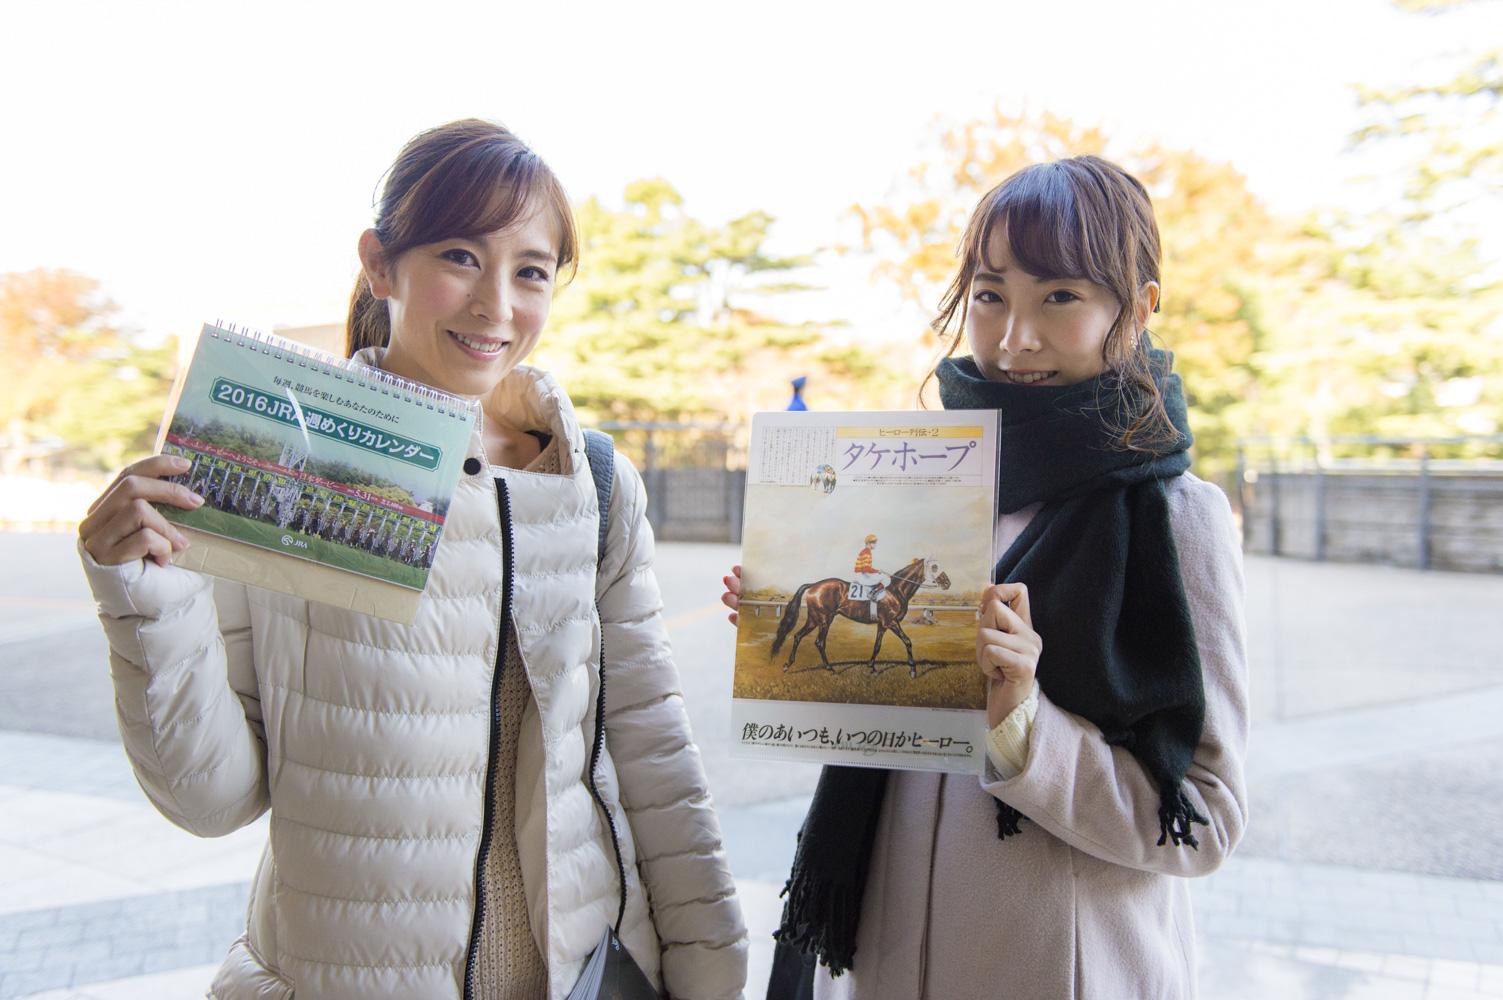 ポイントを貯めた結果、2016JRA週めくりカレンダーが当たった大谷朋子さんと、ヒーロー列伝クリアファイルが当たった滝沢さん。